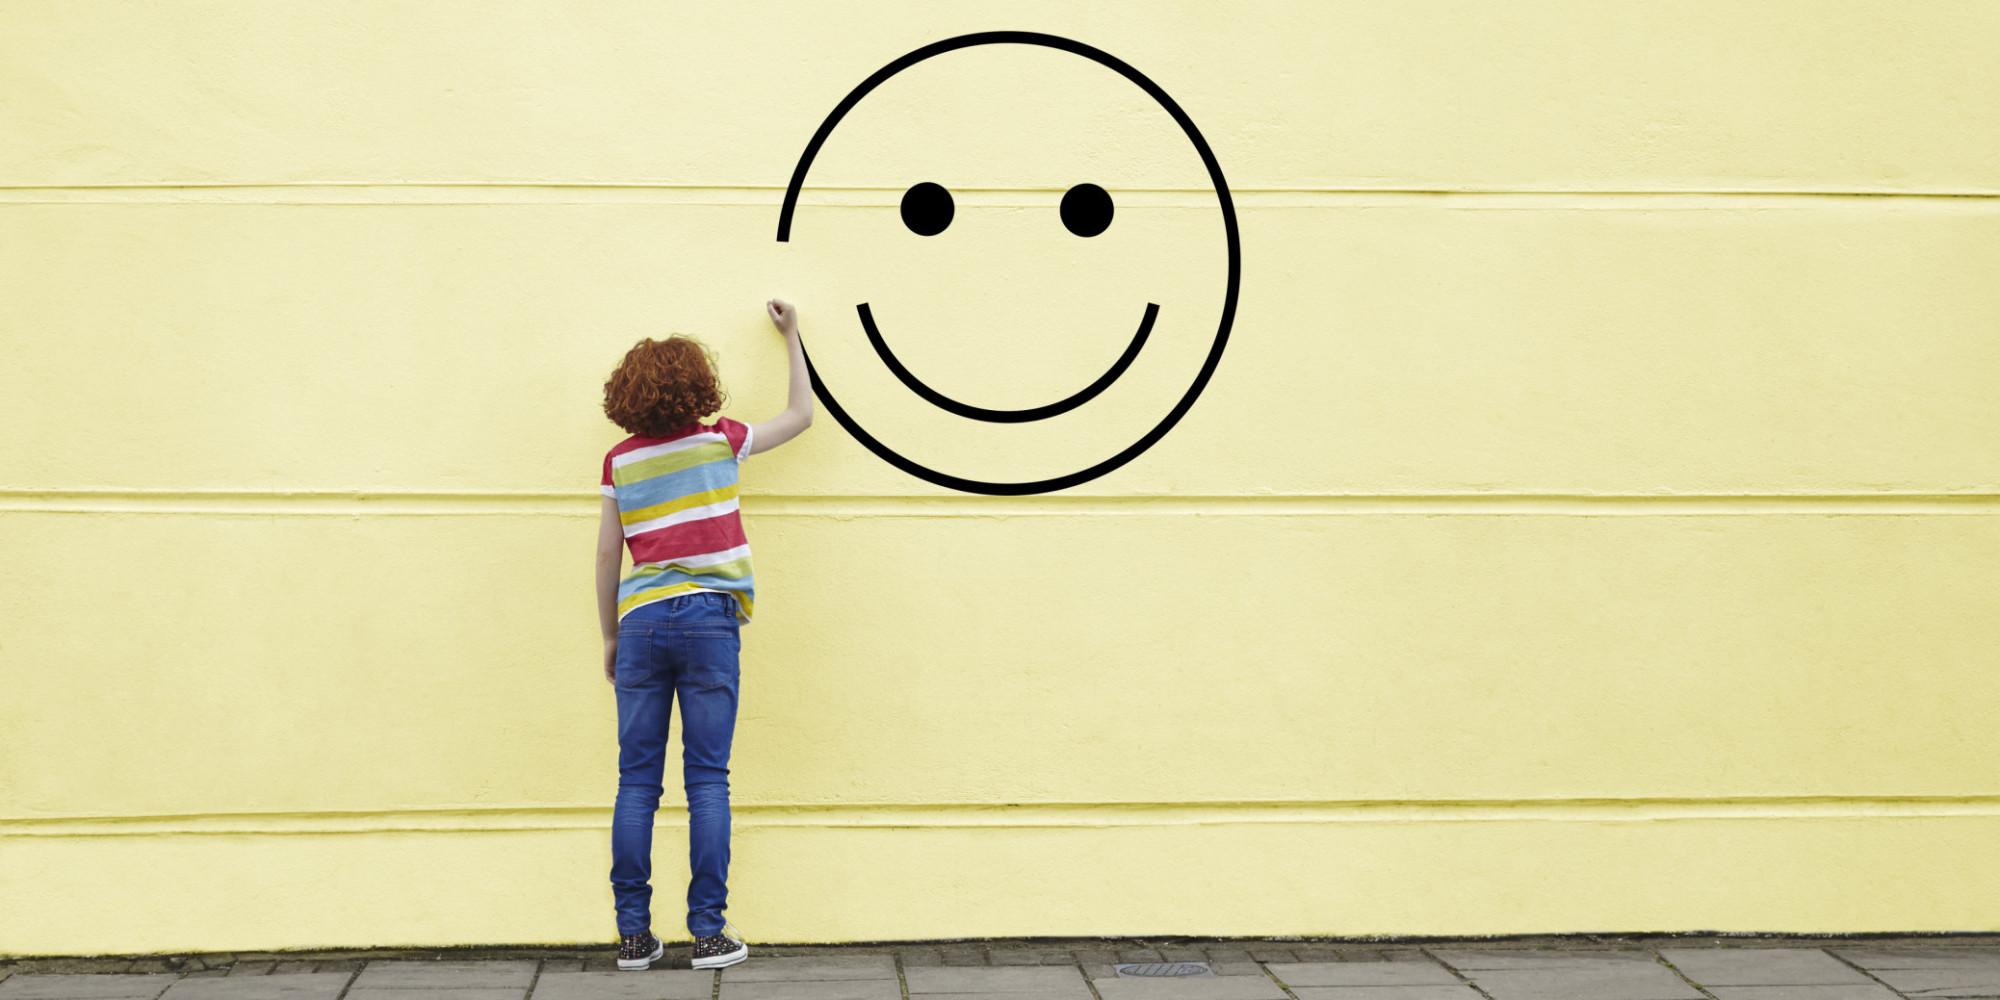 Emociones Positivas - AprendeASerFeliz - Psicologos Madrid - Psicología Positiva - Regala Felicidad